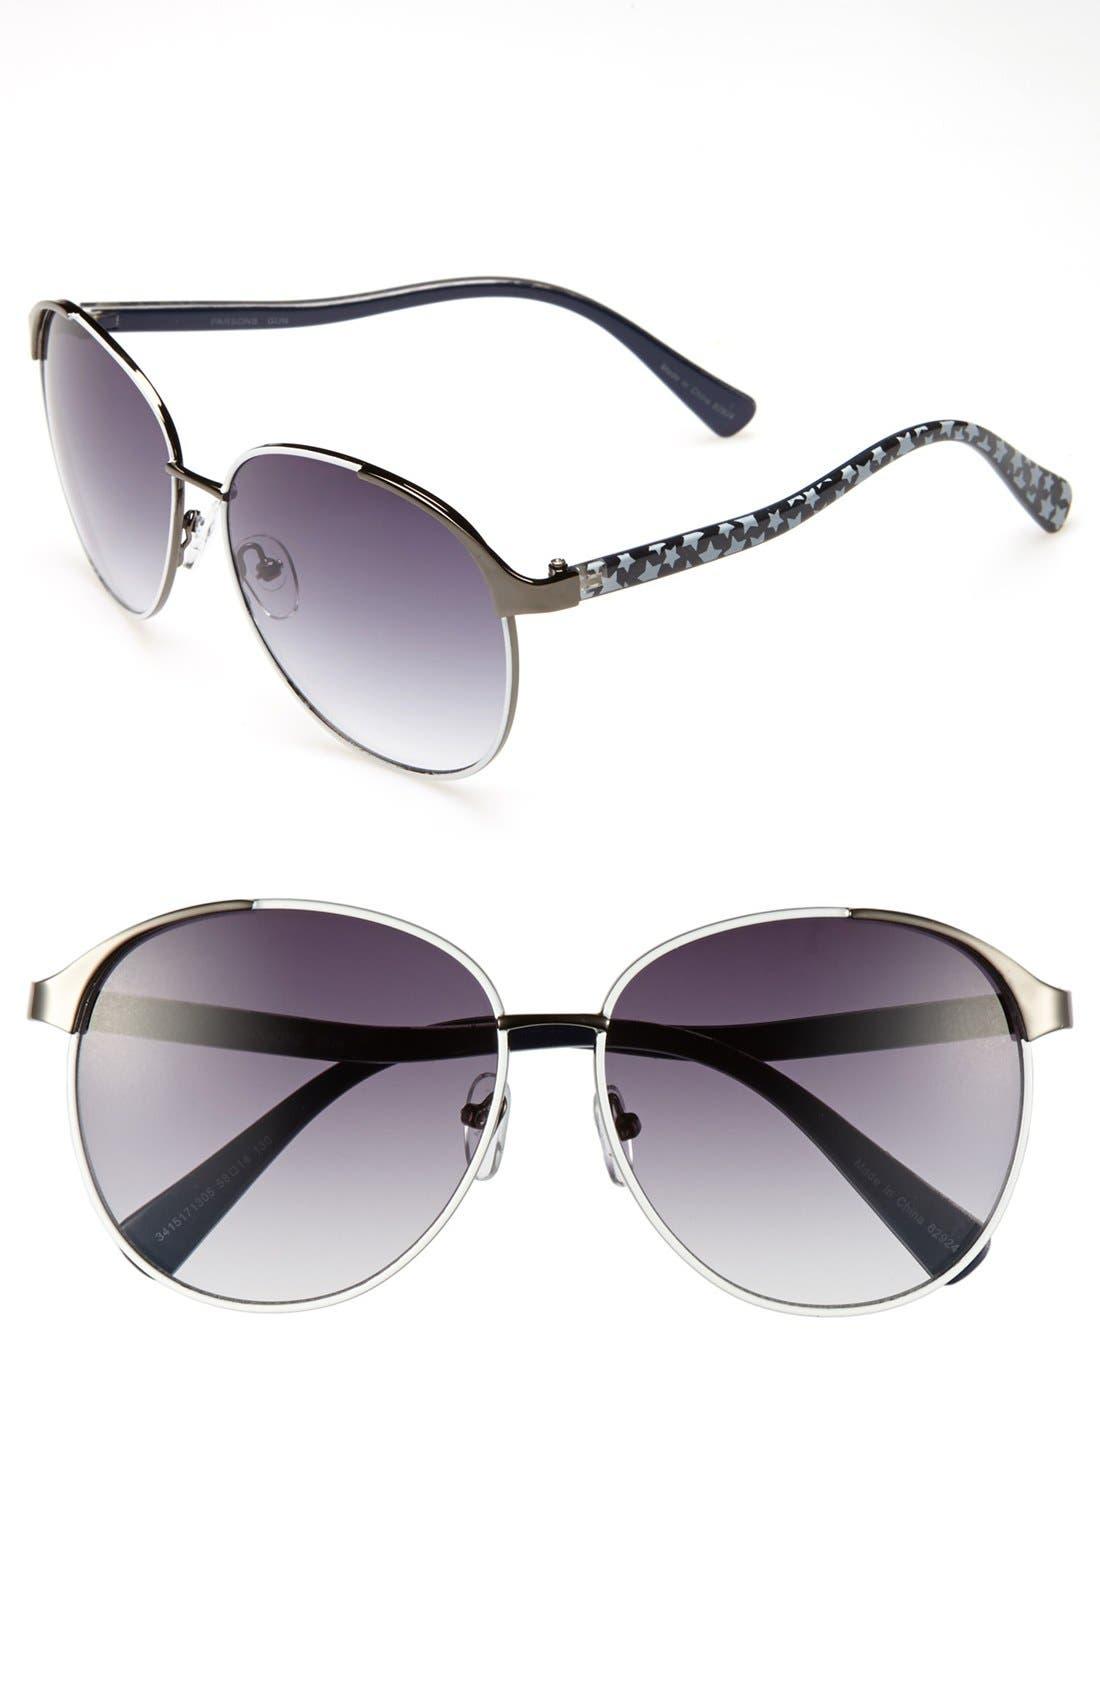 Alternate Image 1 Selected - Outlook Eyewear 'Parsons' 58mm Sunglasses